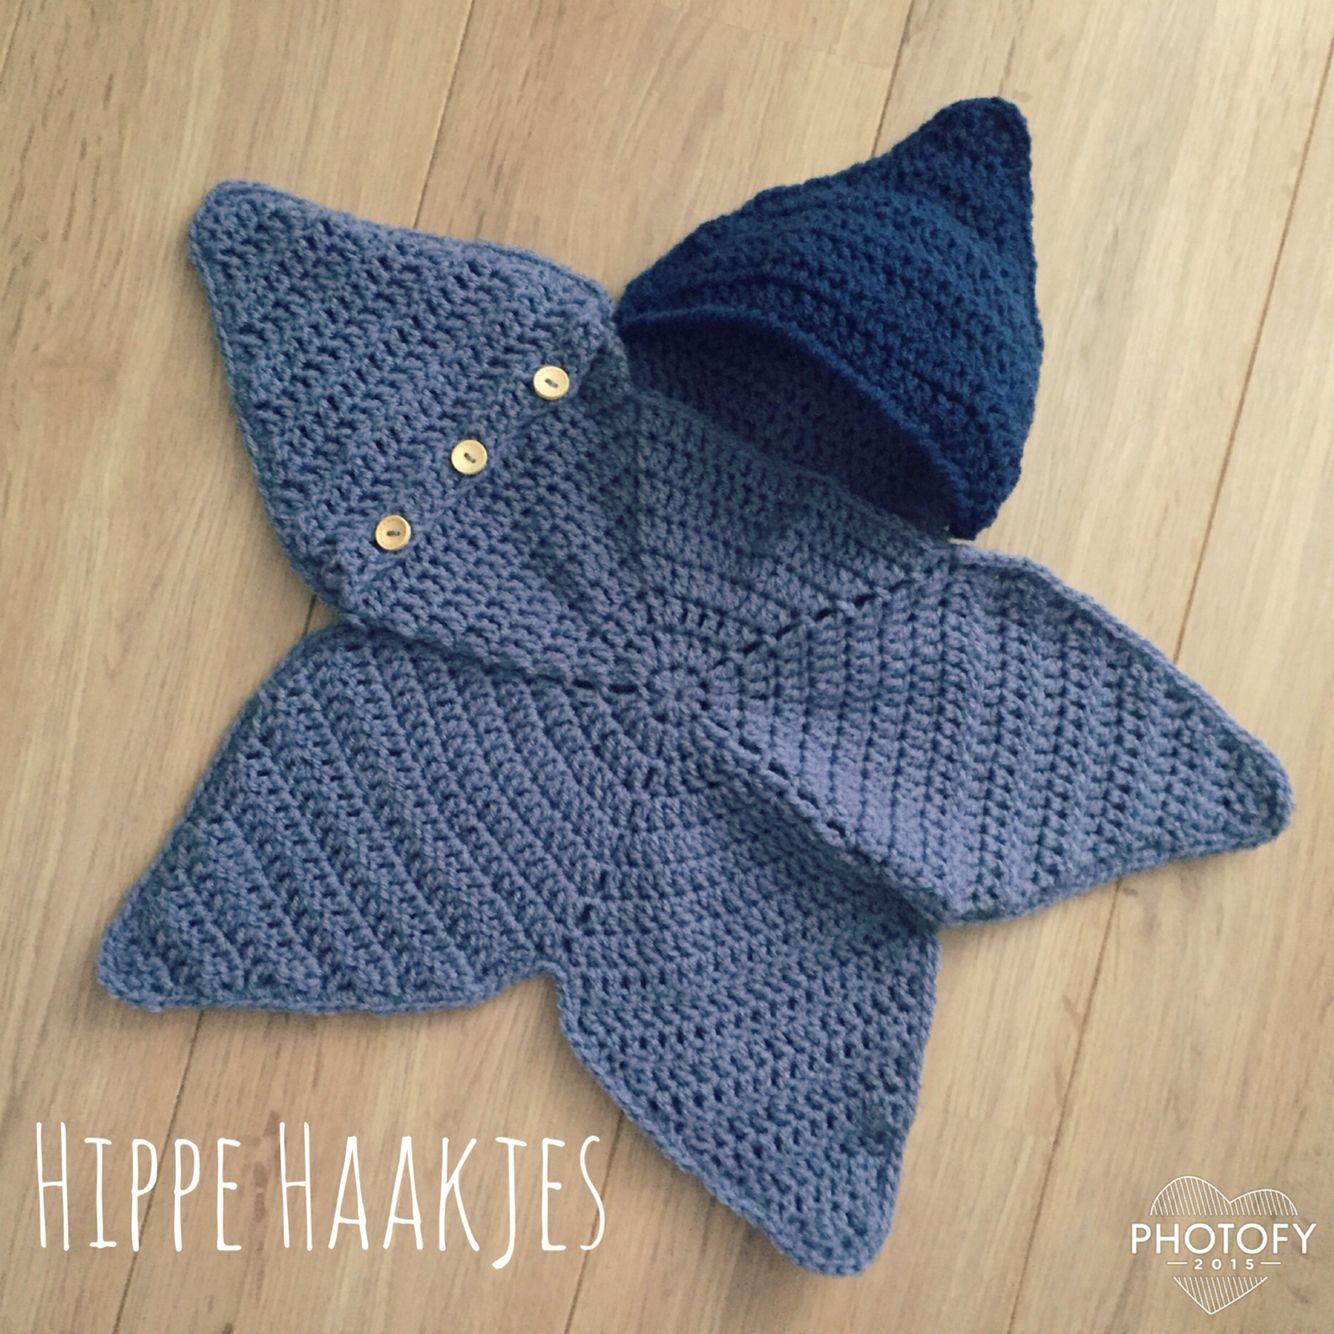 Ster Omslagdoek Haken Crochet Baby Hippehaakjes Handwerk